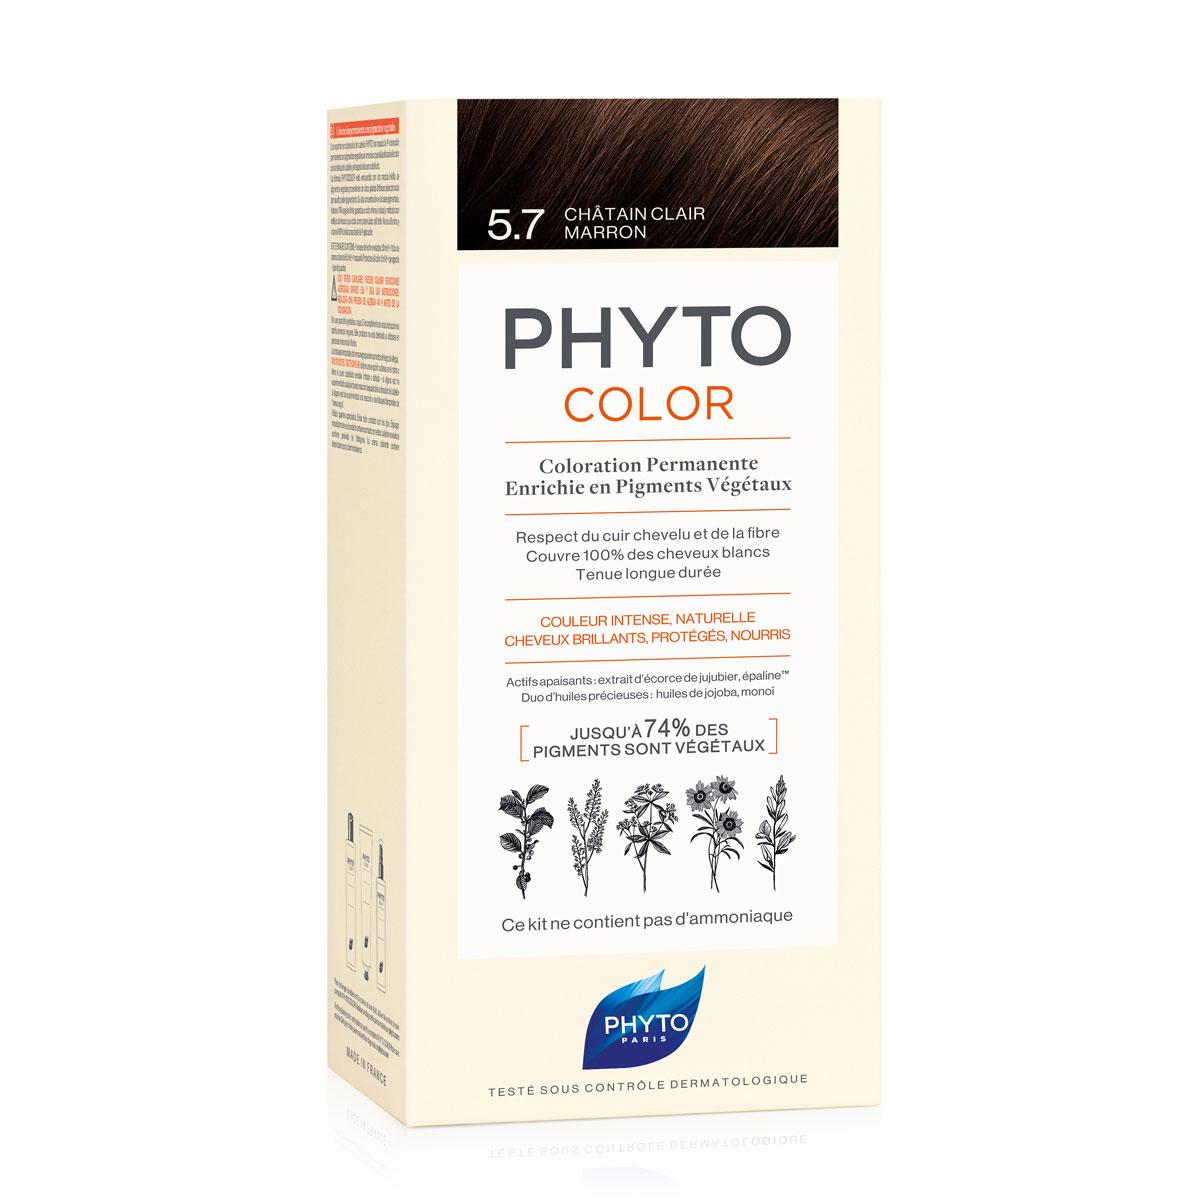 PHYTOCOLOR VOPSEA 5.7 LIGHT CHESTNUT BROWN